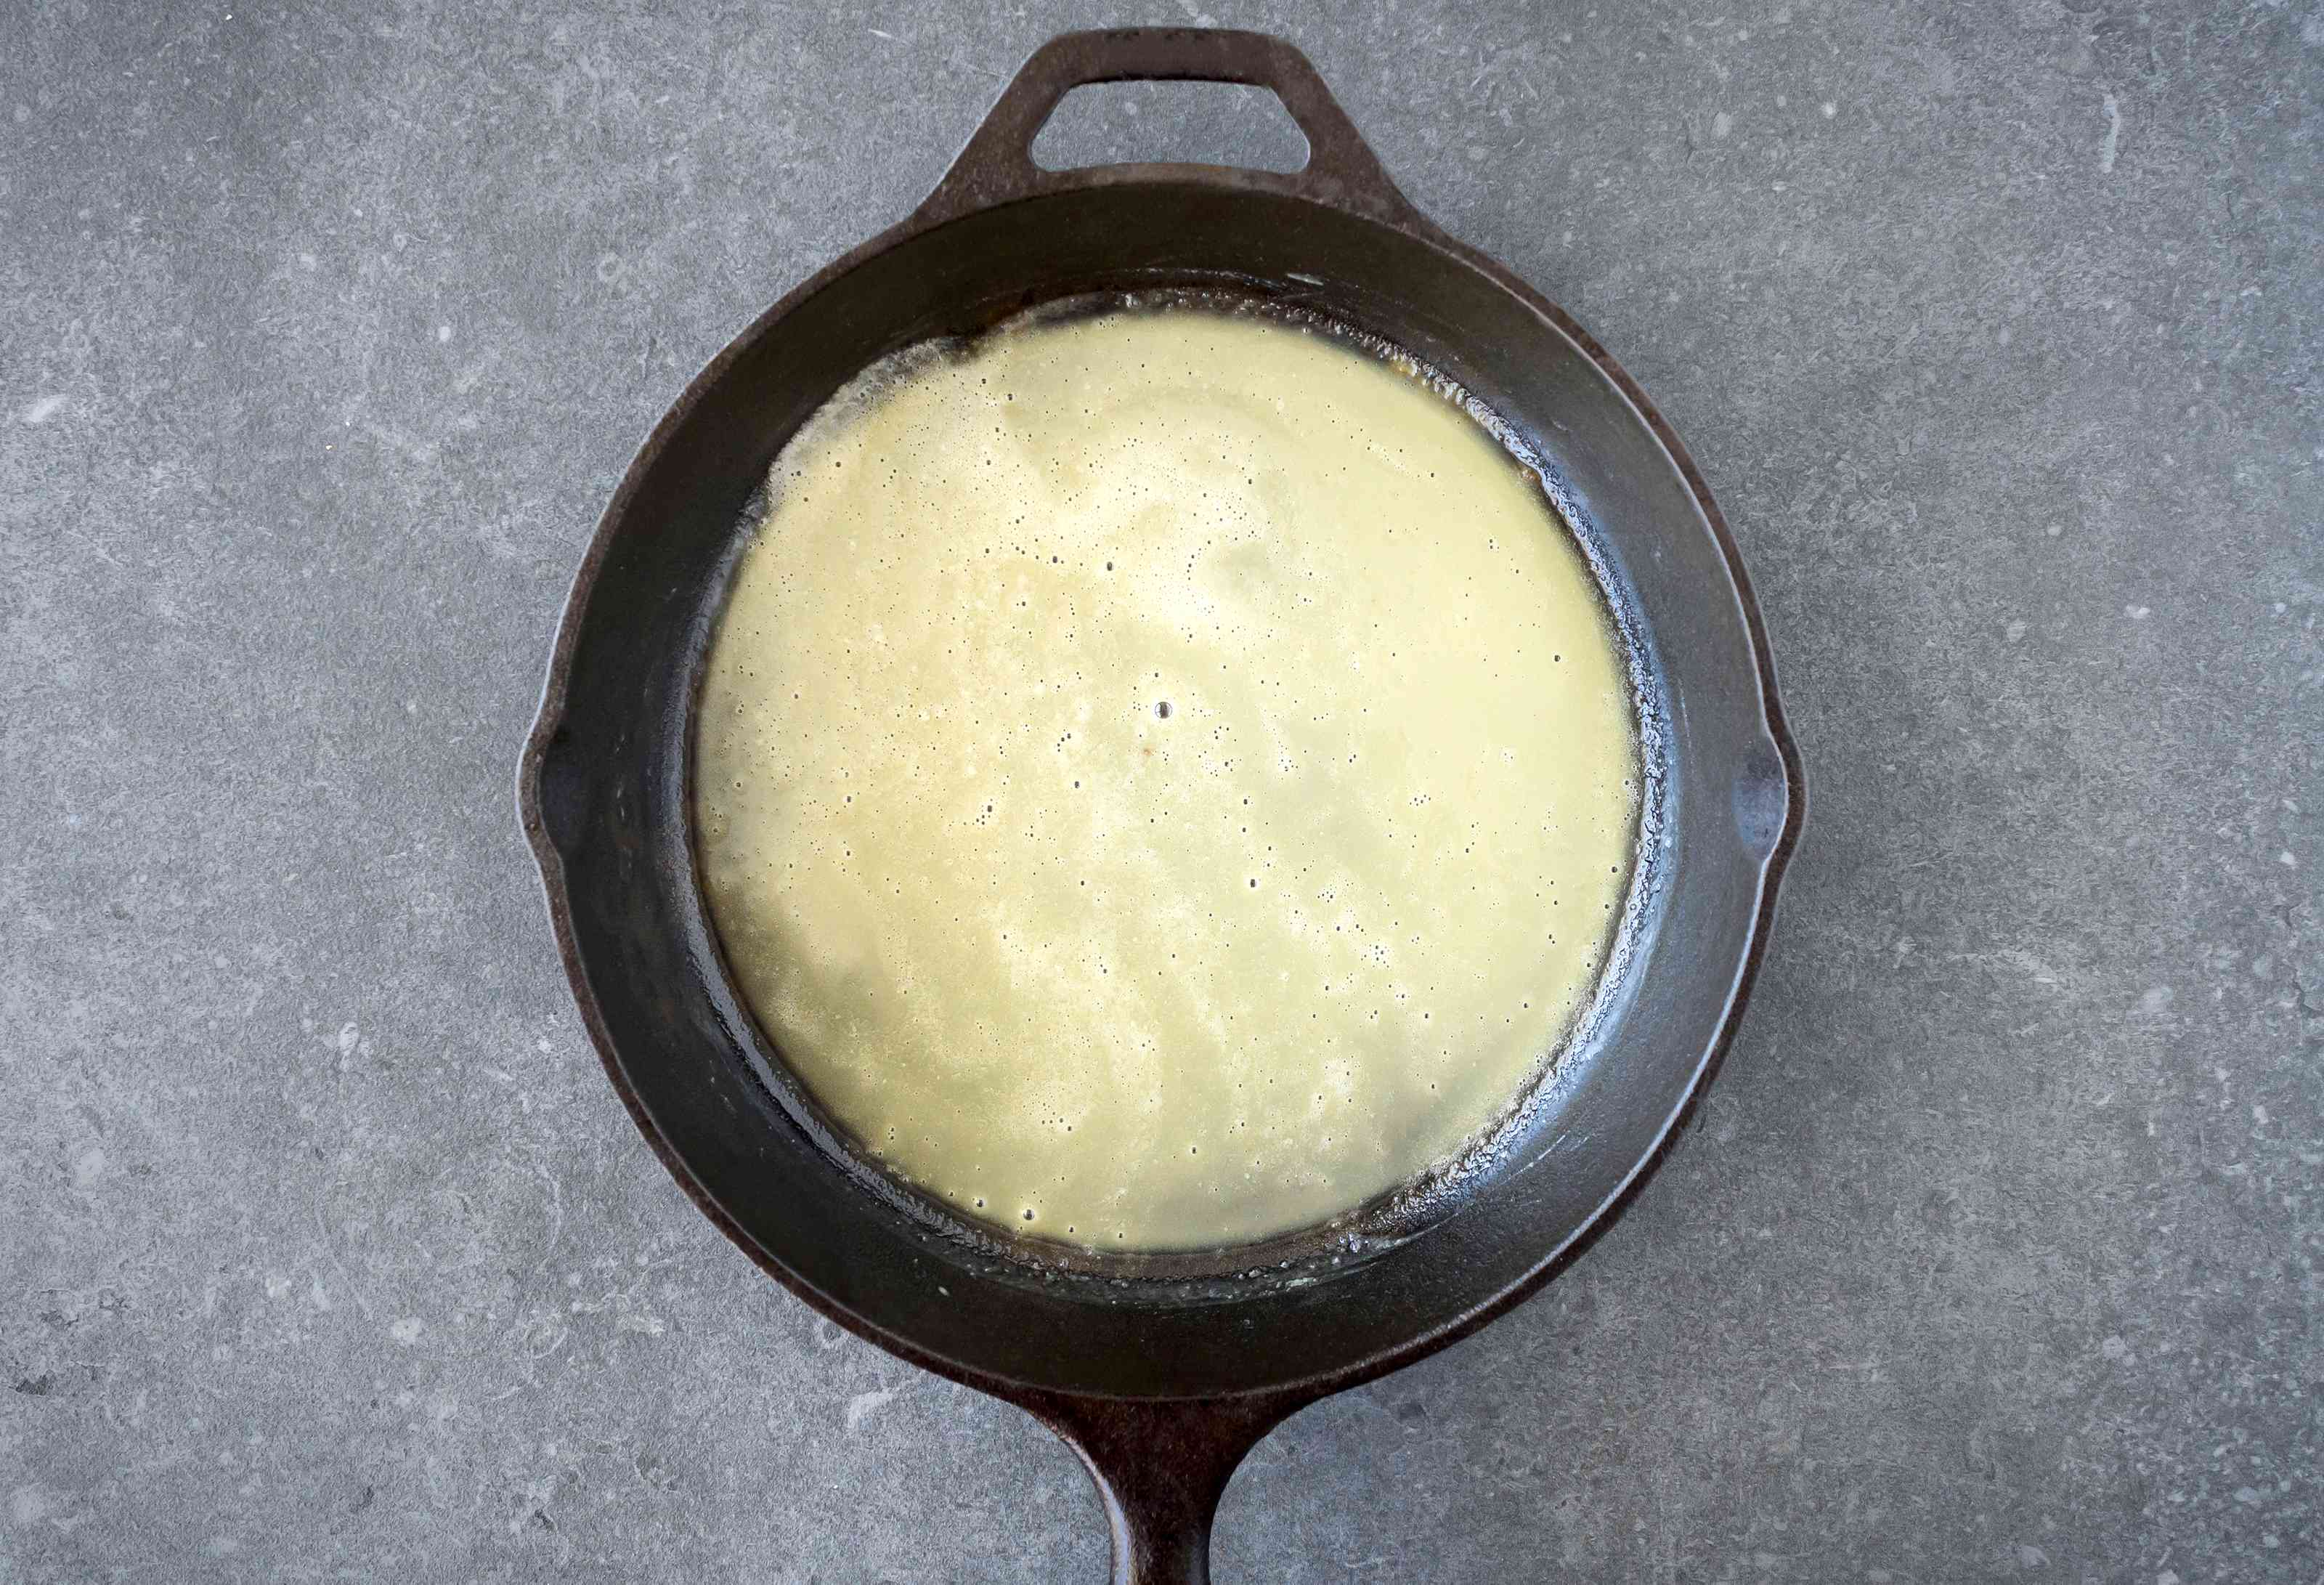 Stir in mixture